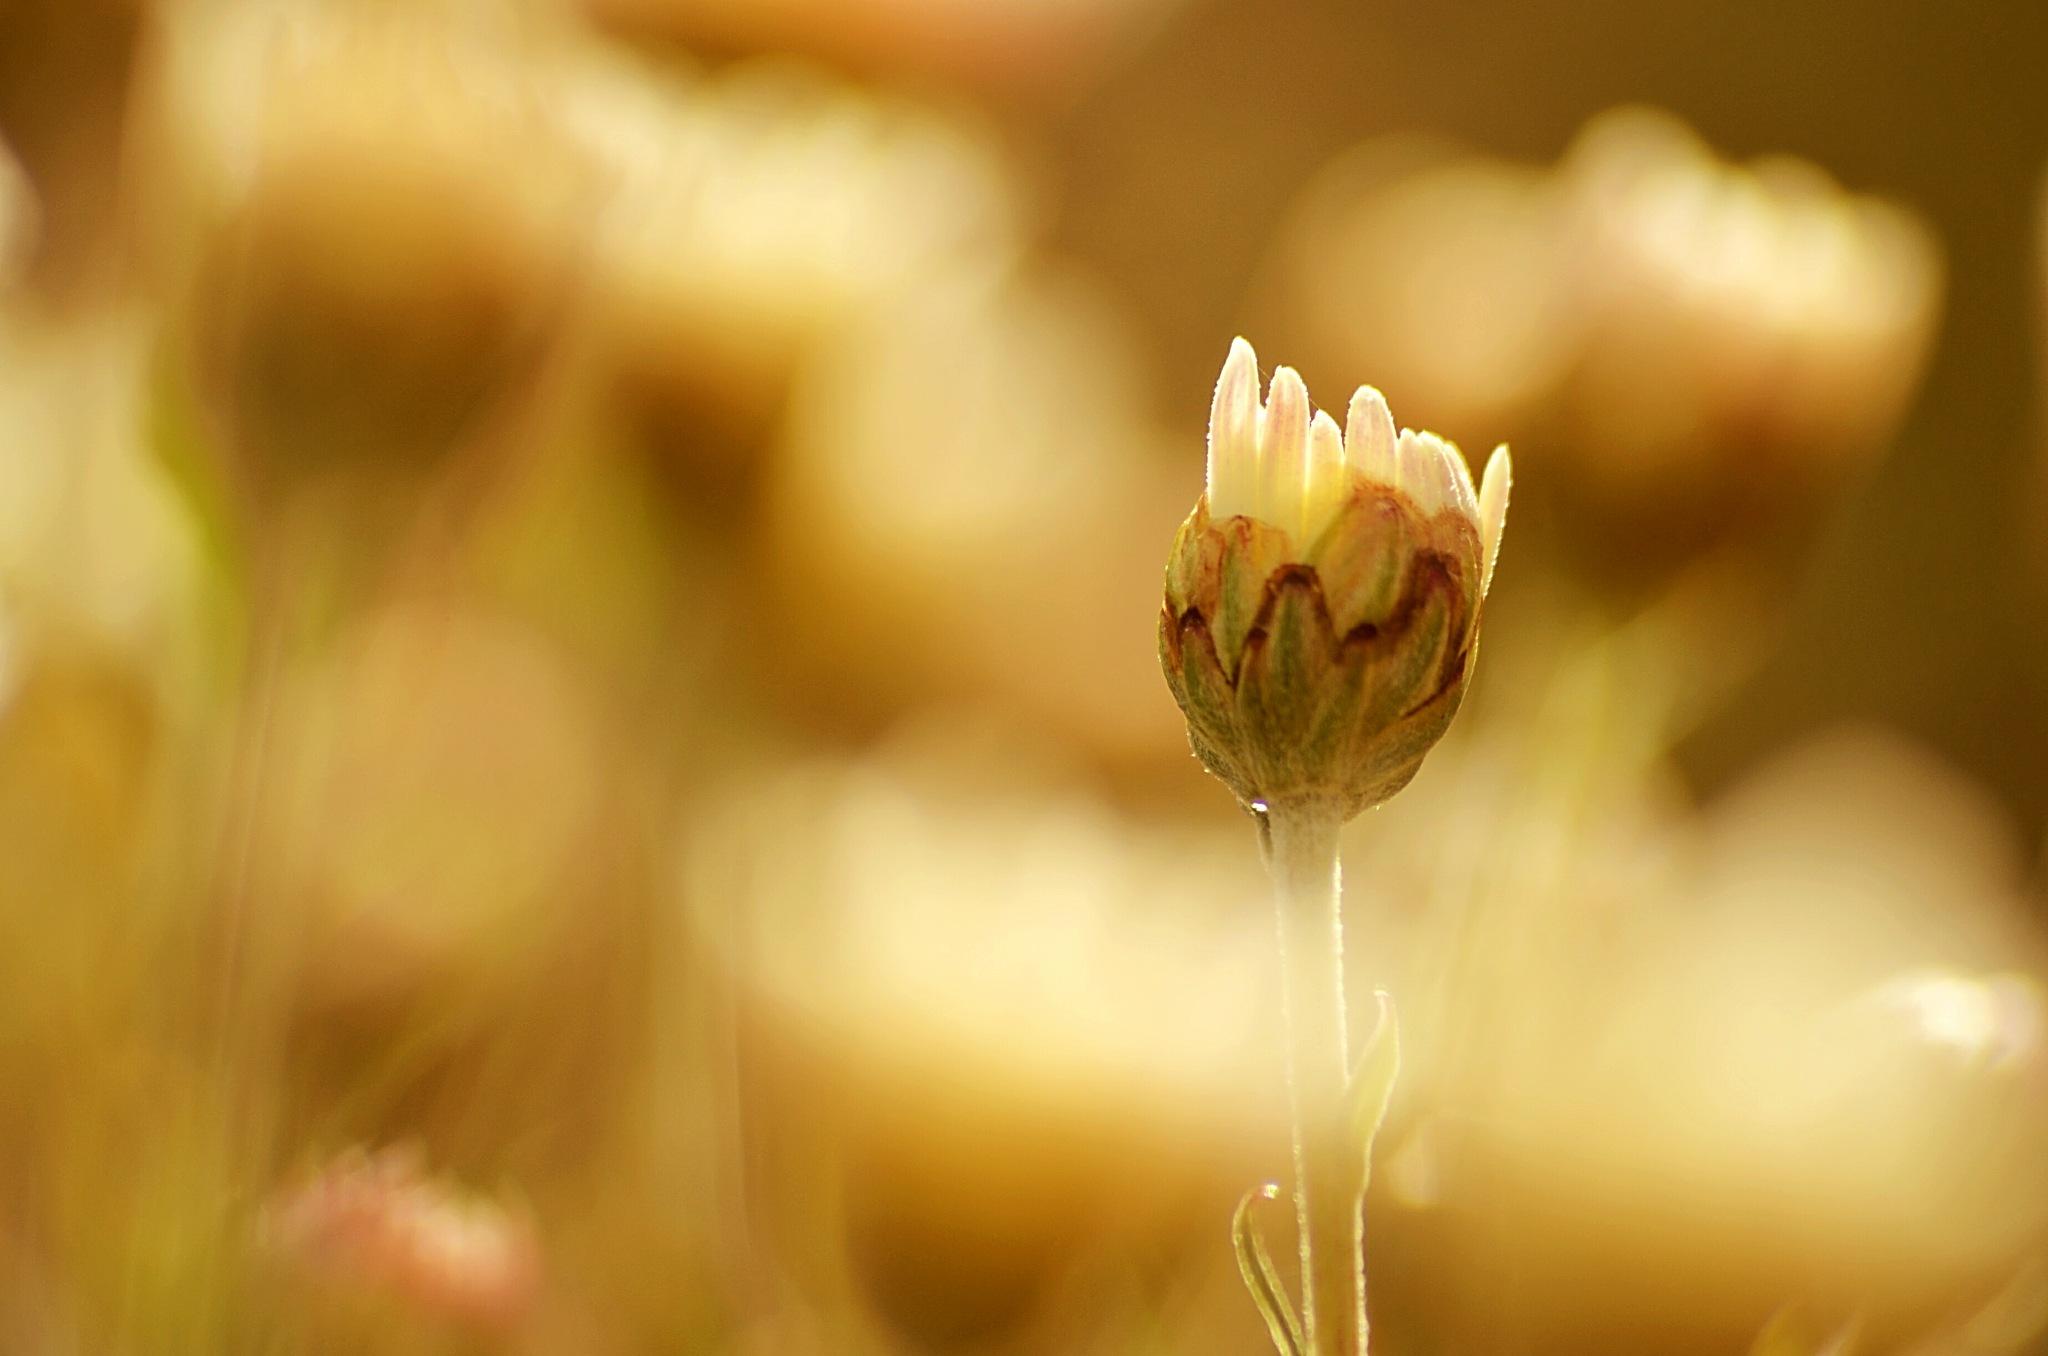 Flower by olcsi9